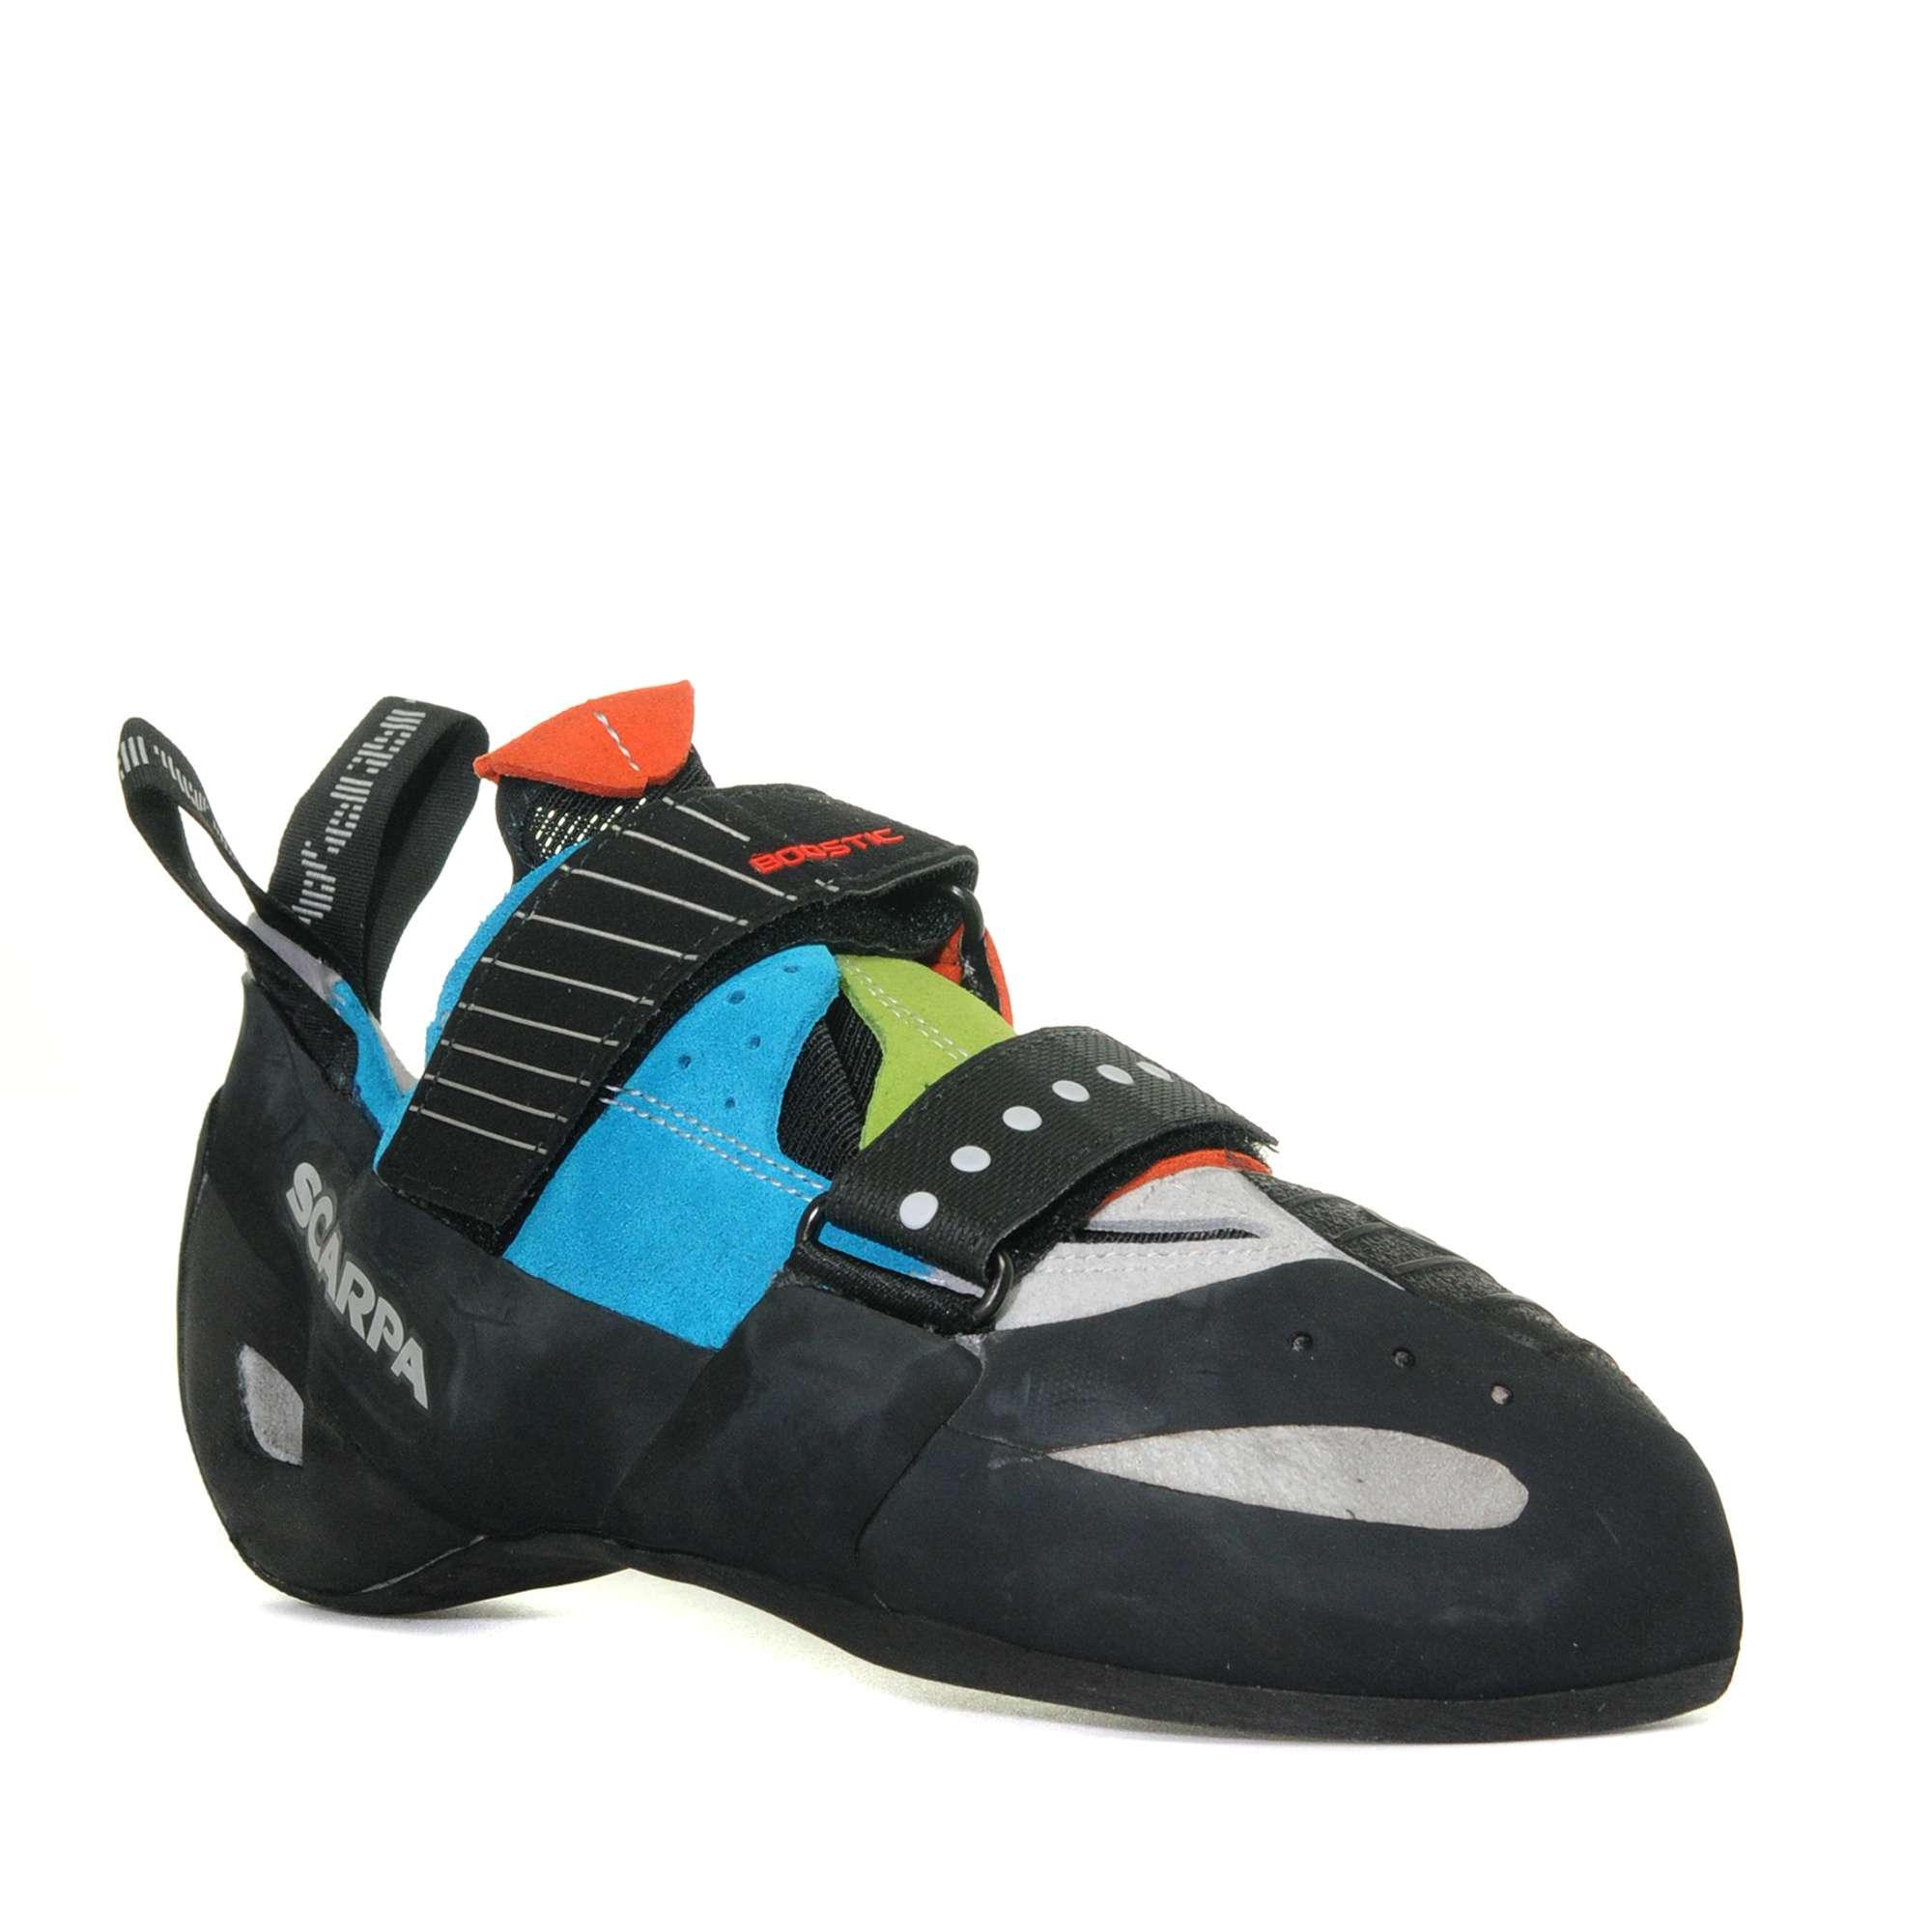 SCARPA Men's Boostic Climbing Shoe